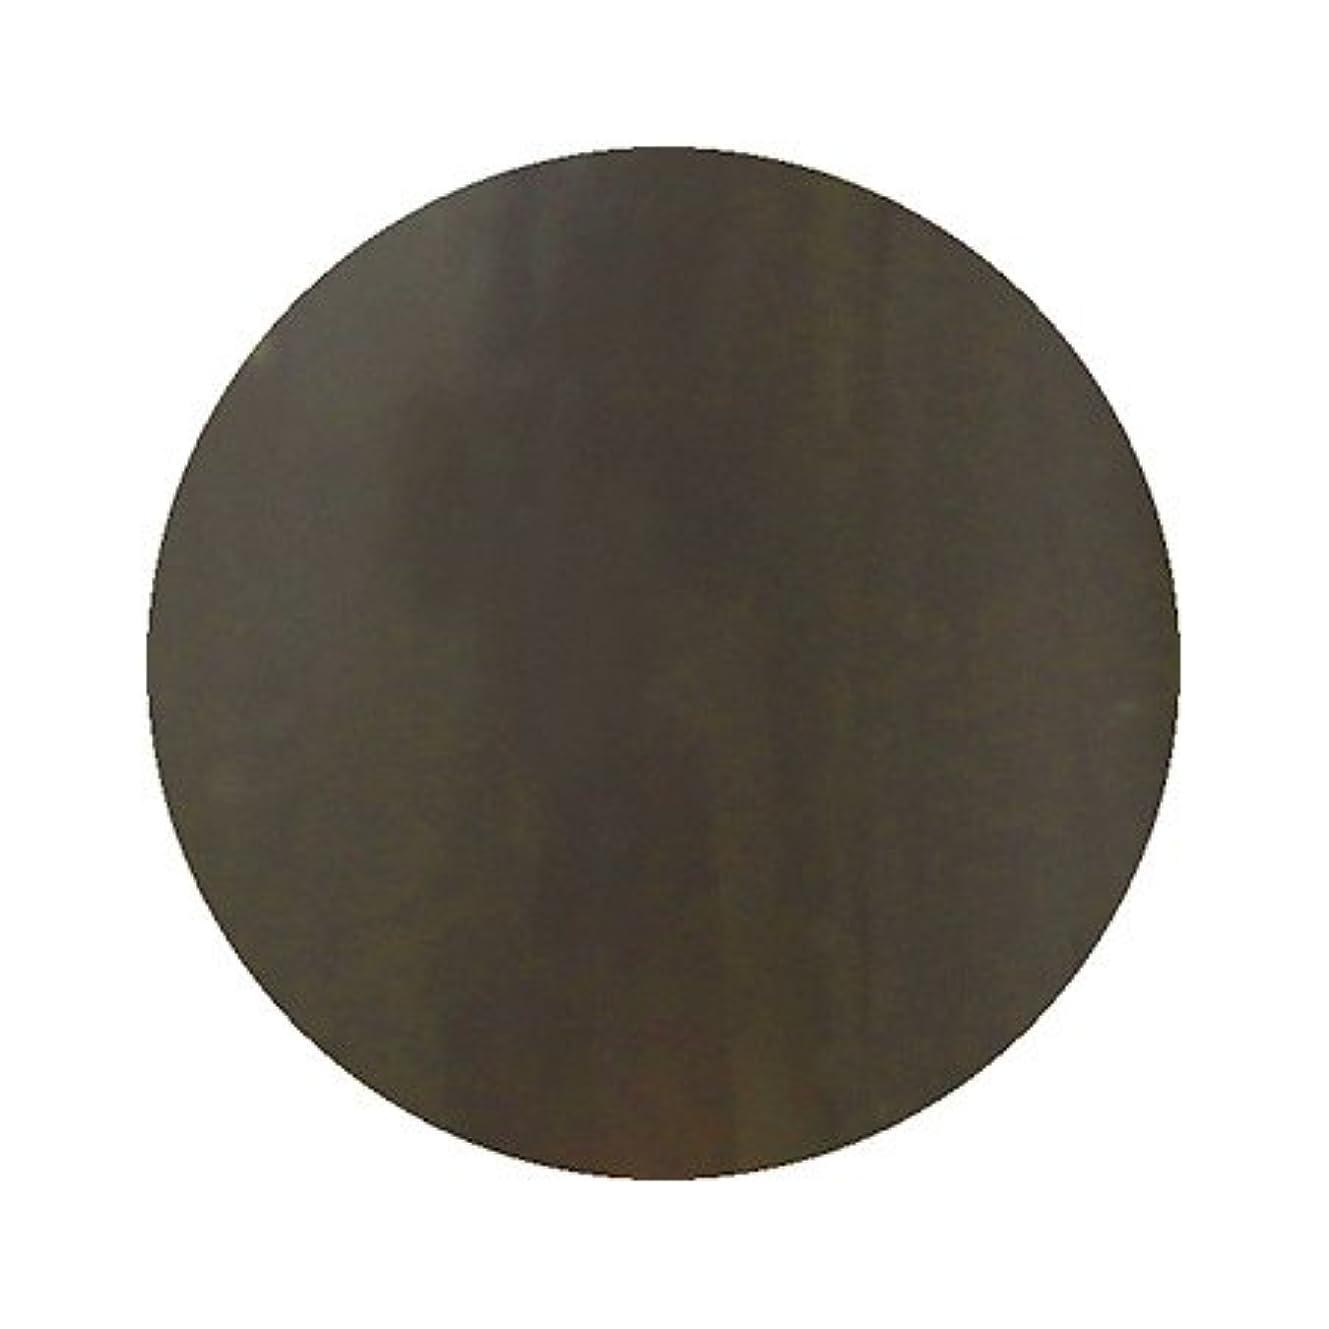 栄光の用量粉砕するパラポリッシュ ハイブリッドカラージェル MD3 ダークブラウン 7g